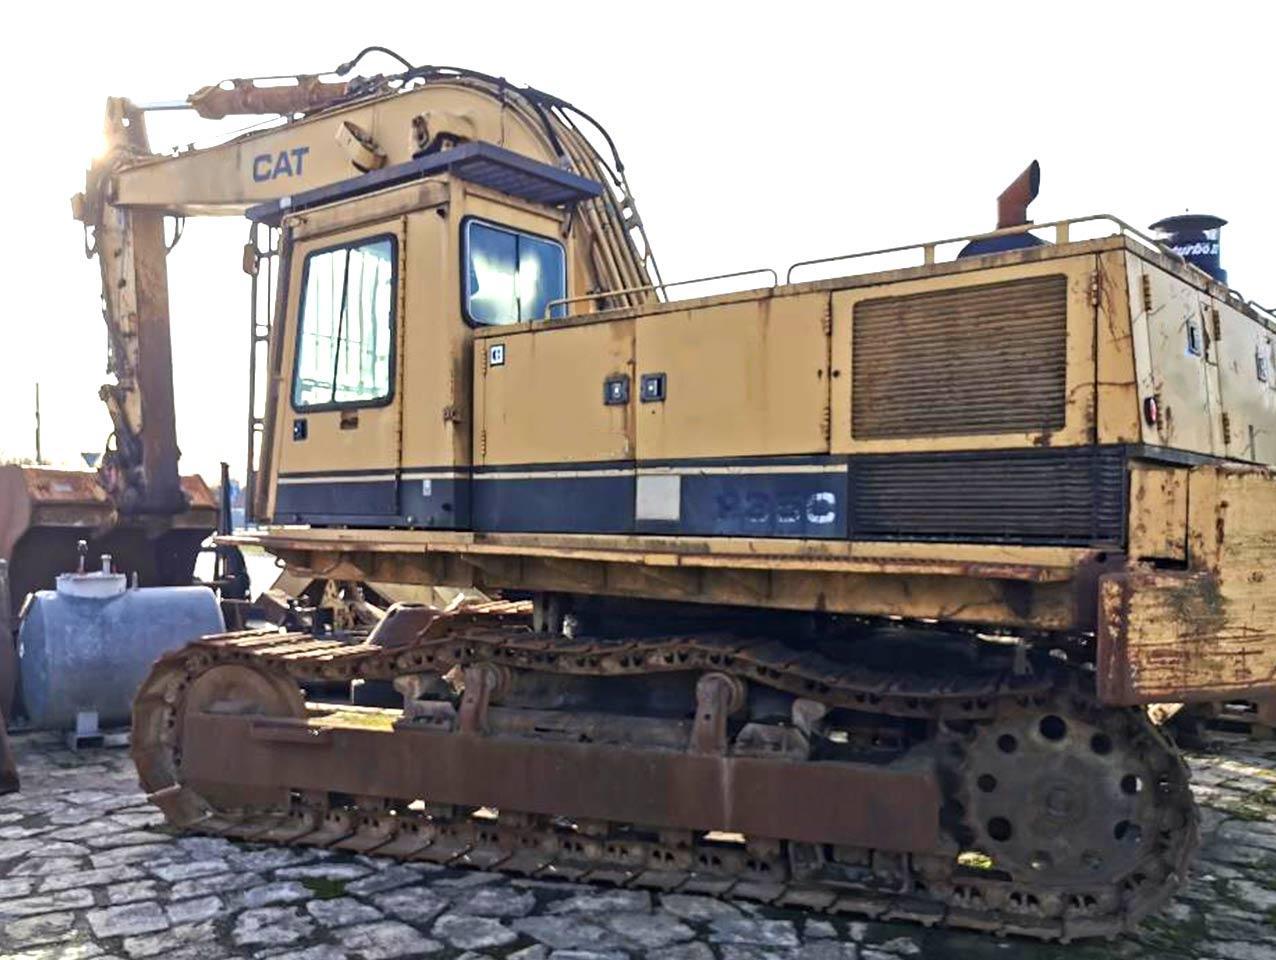 Caterpillar 235C Excavator